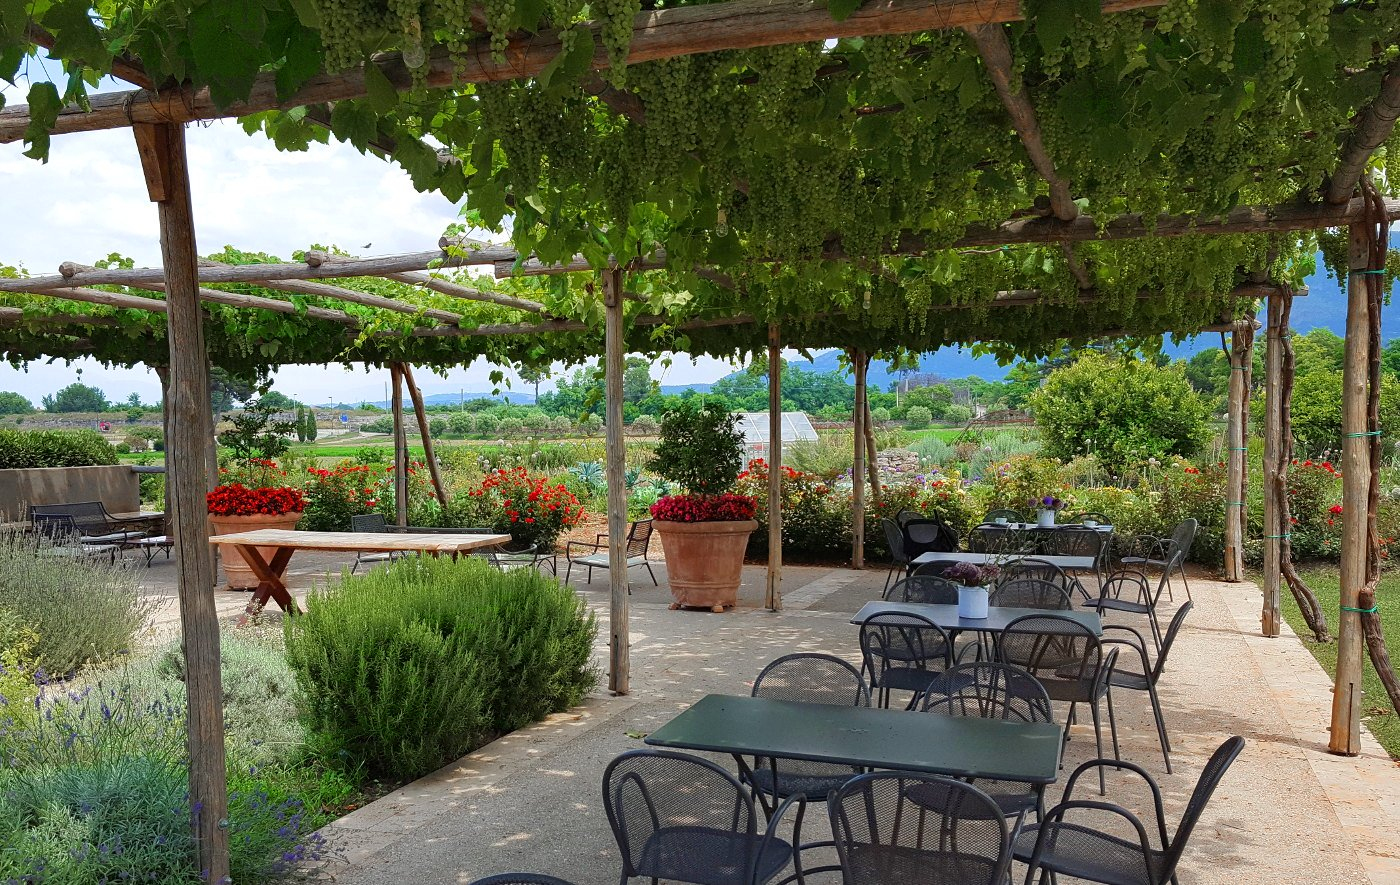 Barlotti Mozzarella Farm